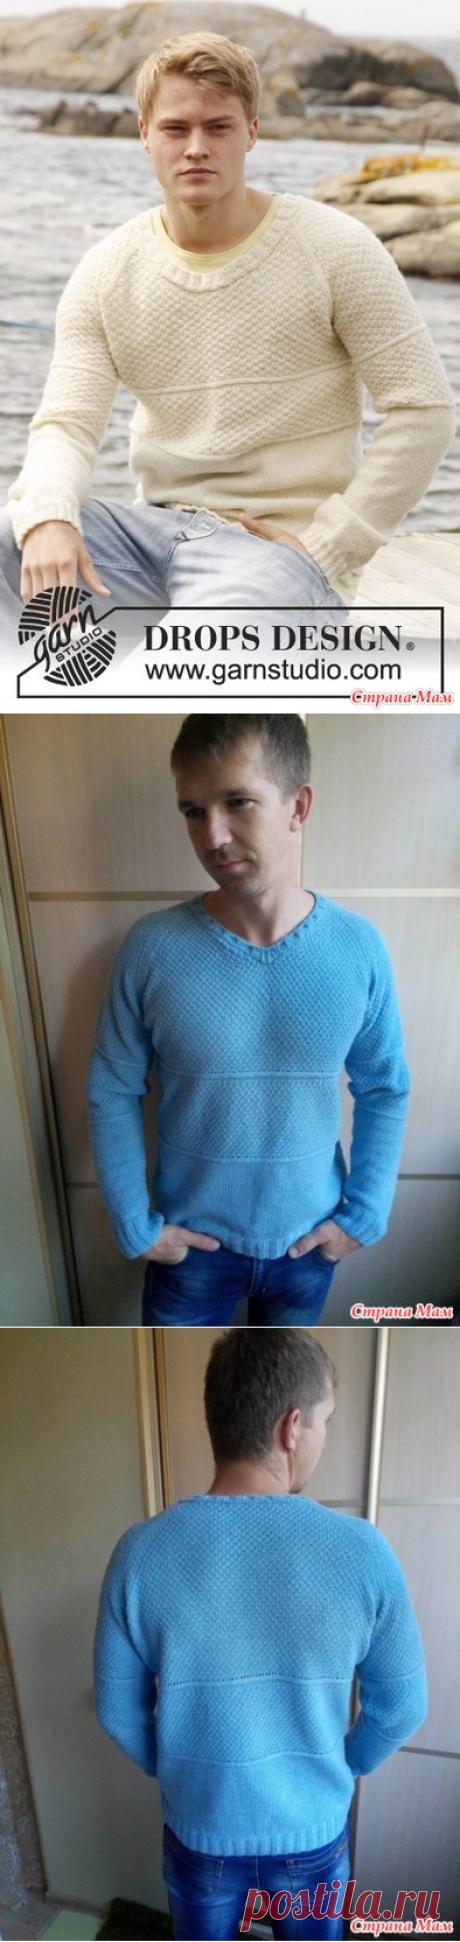 . Пуловер мужской спицами - Вязание - Страна Мам